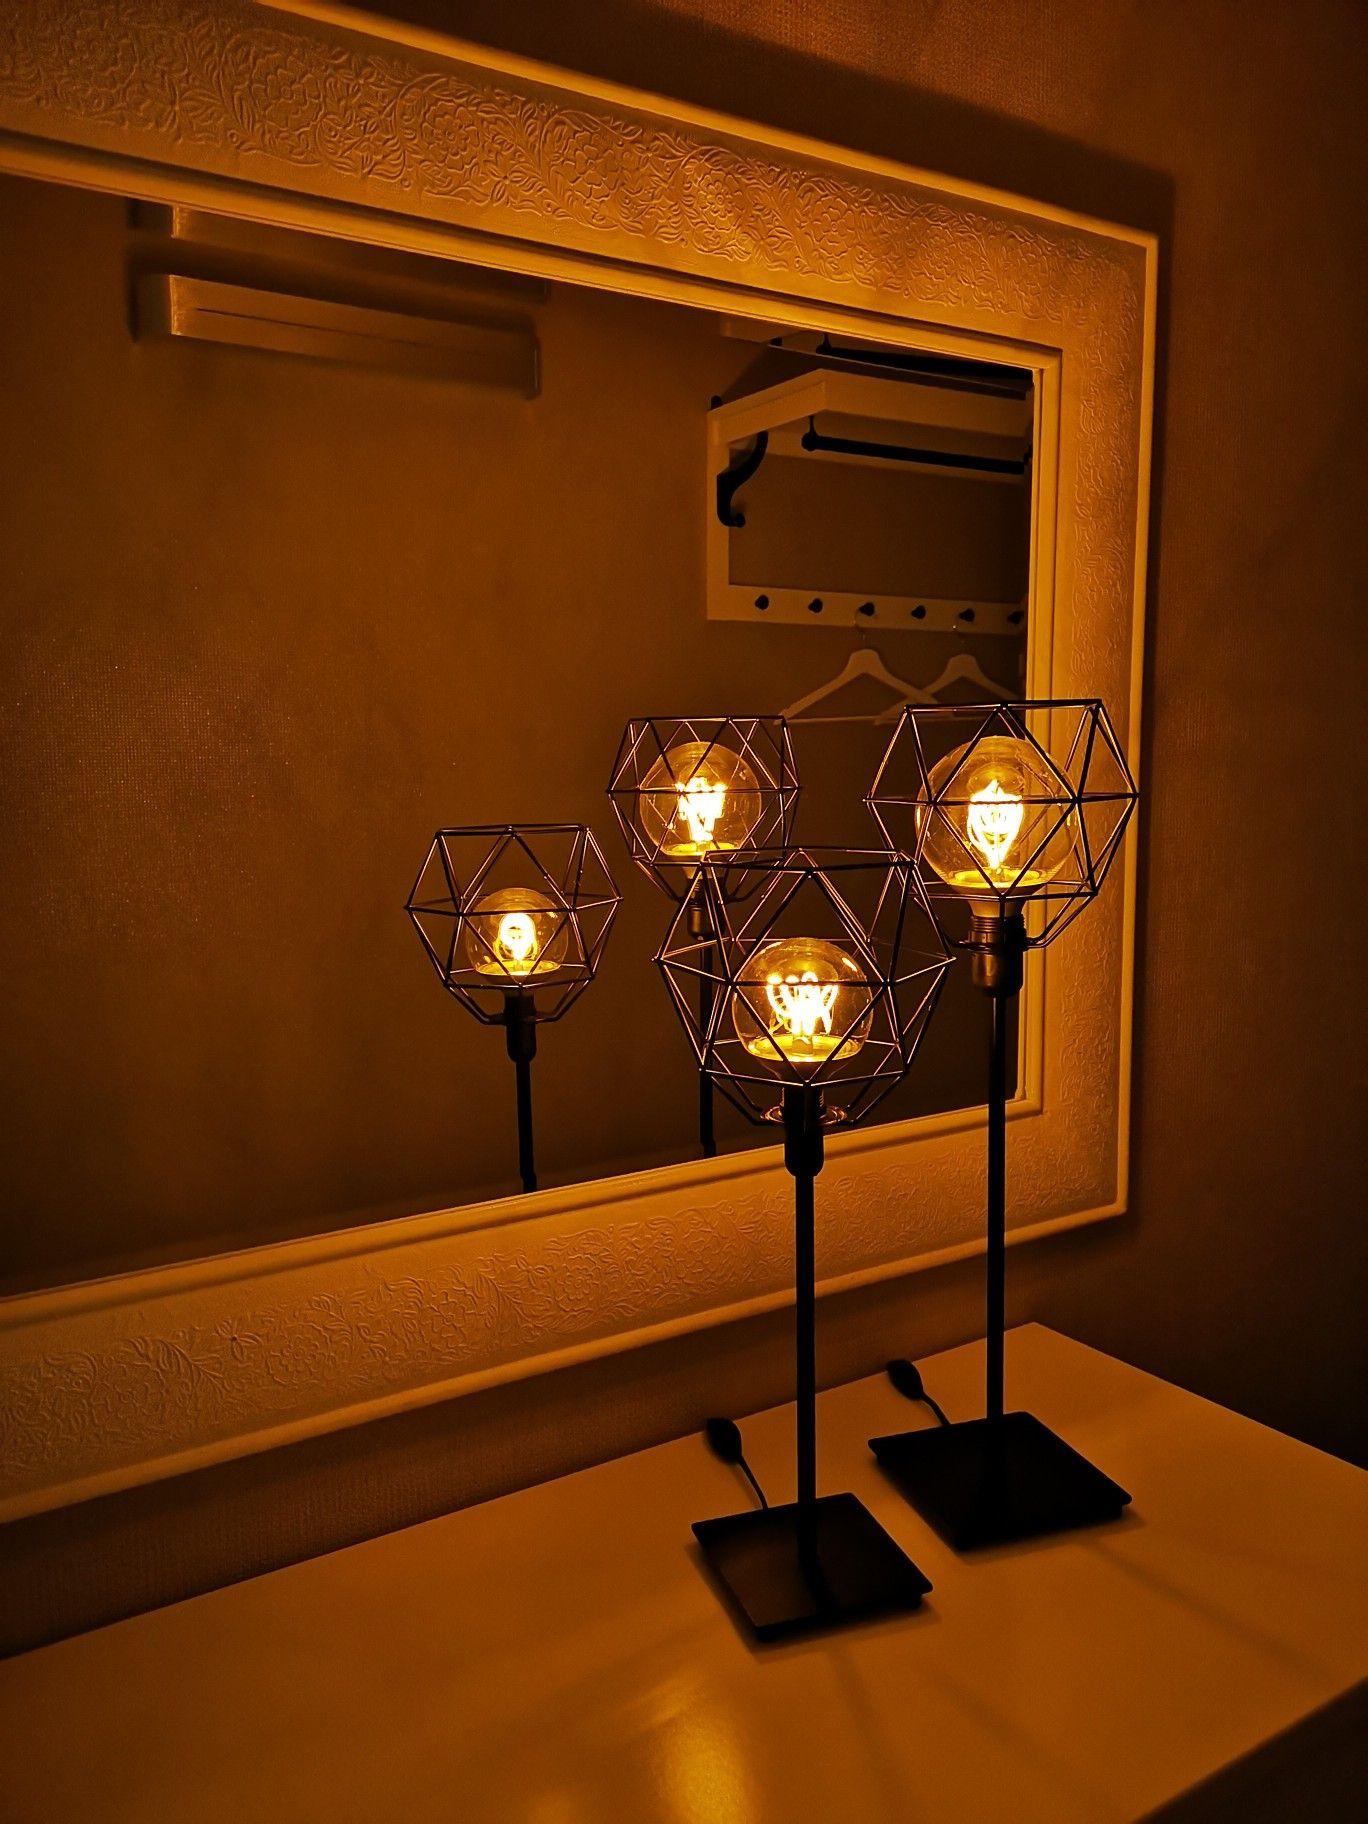 Full Size of Wohnzimmer Lampe Ikea Leuchten Lampen Decke Von Stehend Diy Flur Leuchte Deko Tischlampe Landhausstil Deckenlampe Designer Esstisch Bad Led Schrankwand Küche Wohnzimmer Wohnzimmer Lampe Ikea